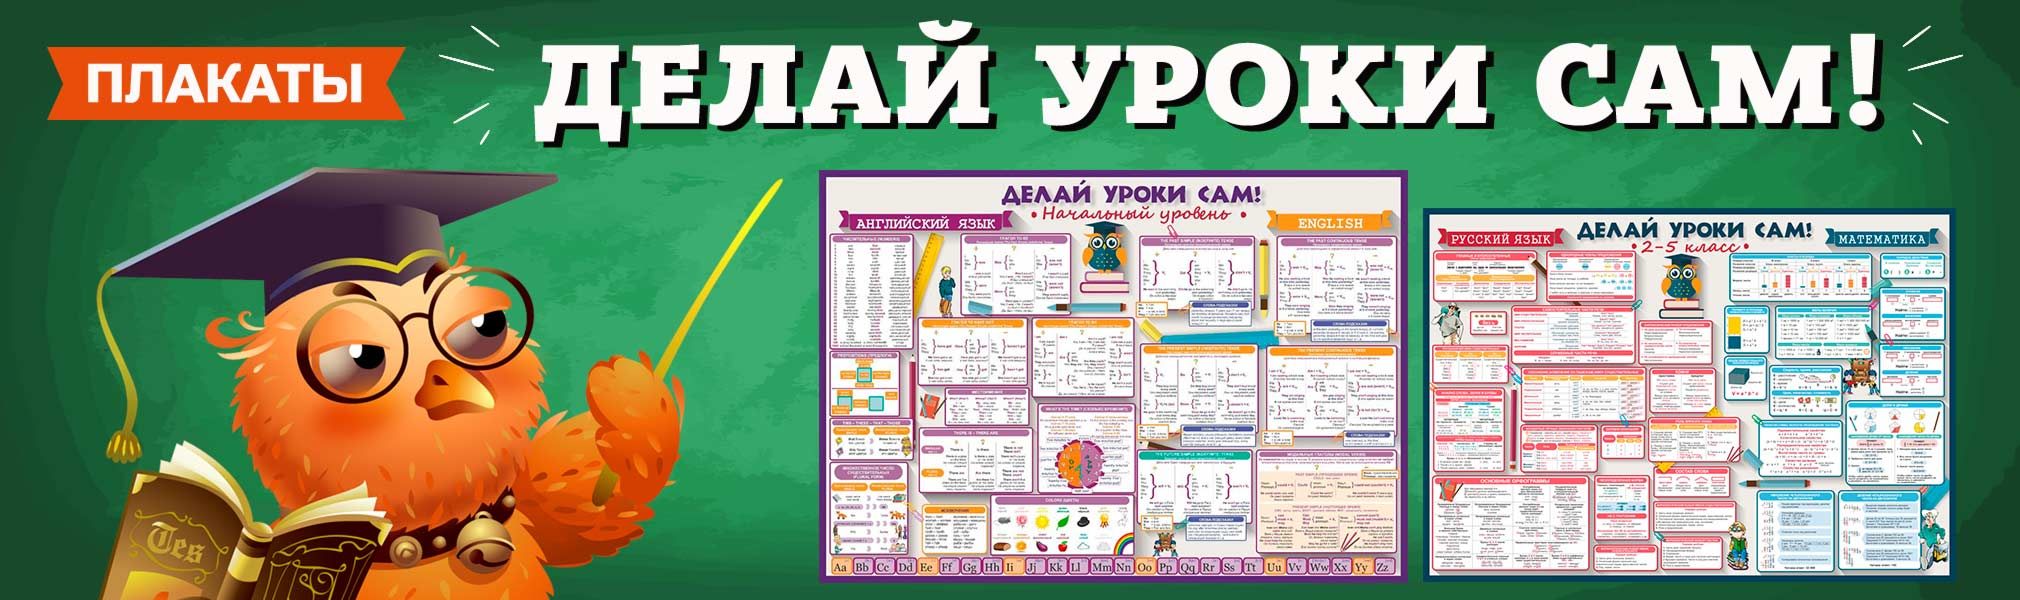 Плакаты и буклеты Делай Уроки САМ!